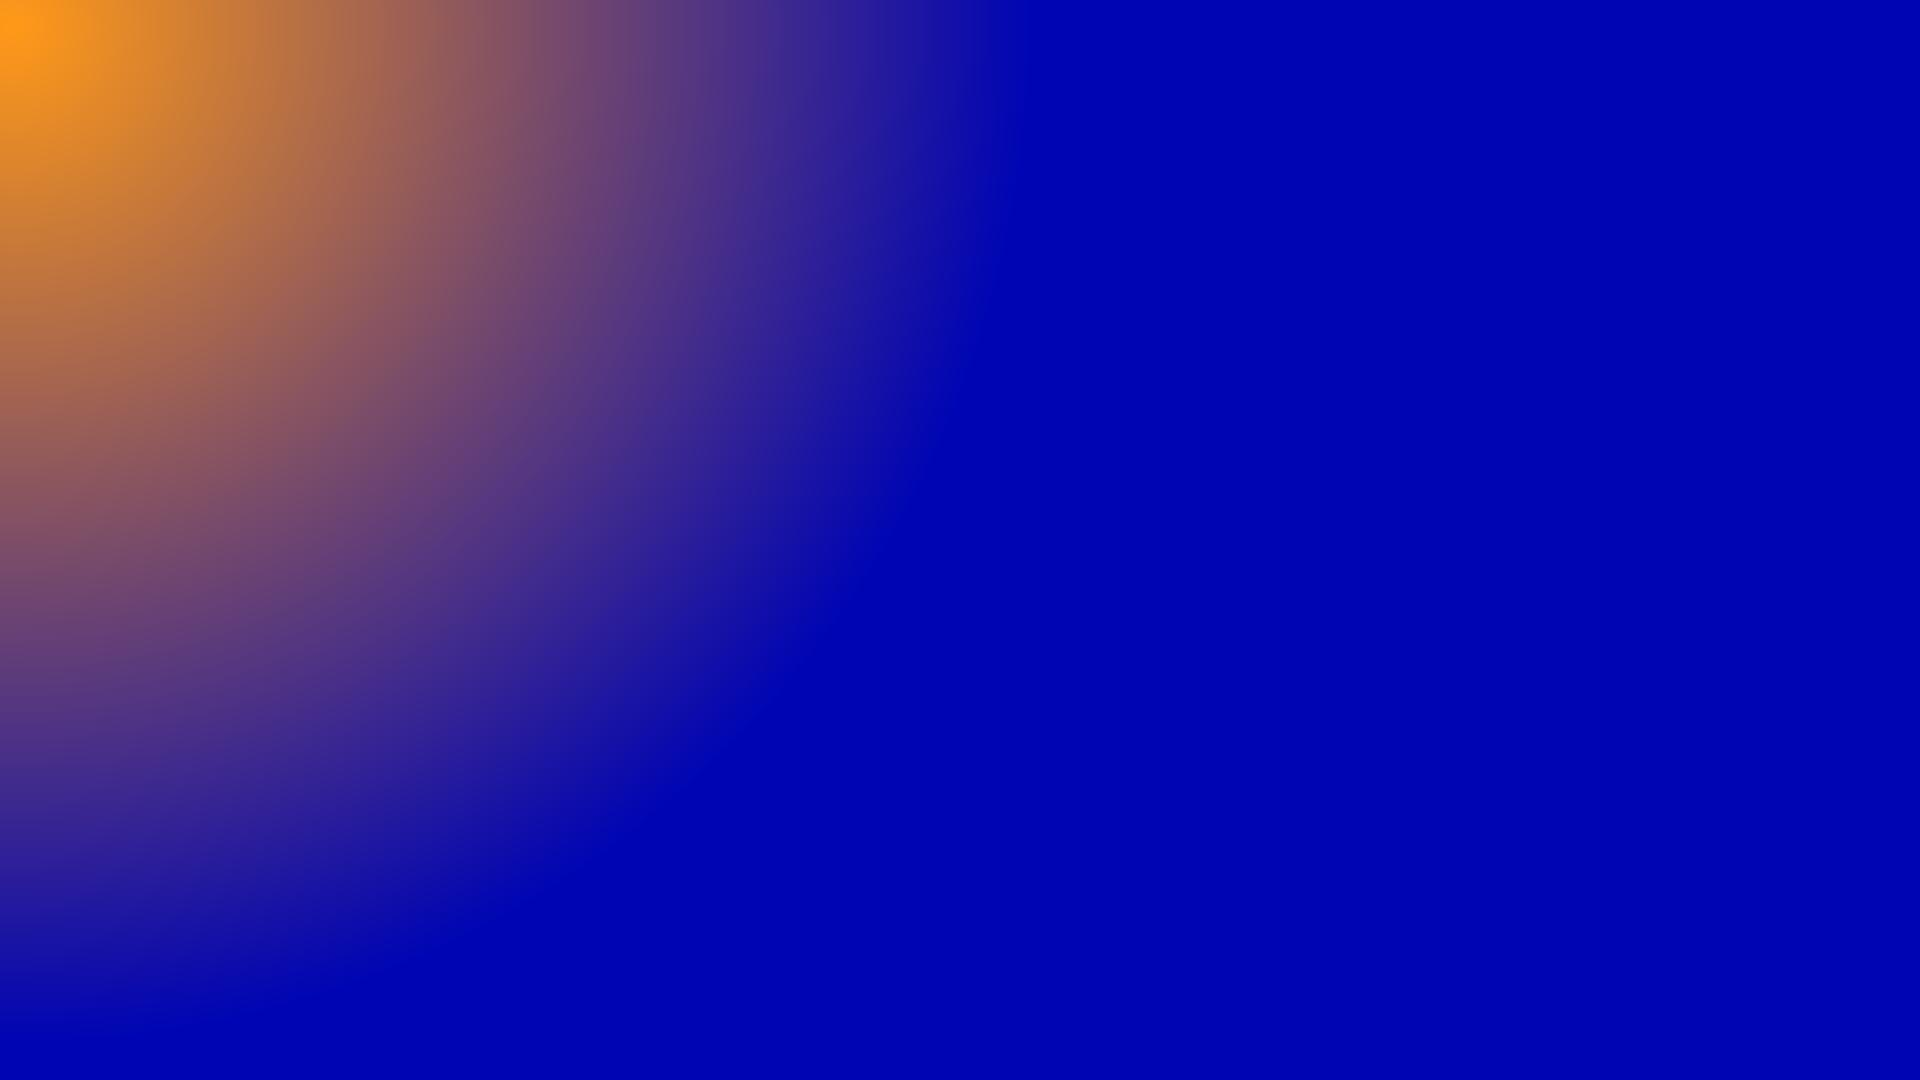 Oranjeblauw Gradient